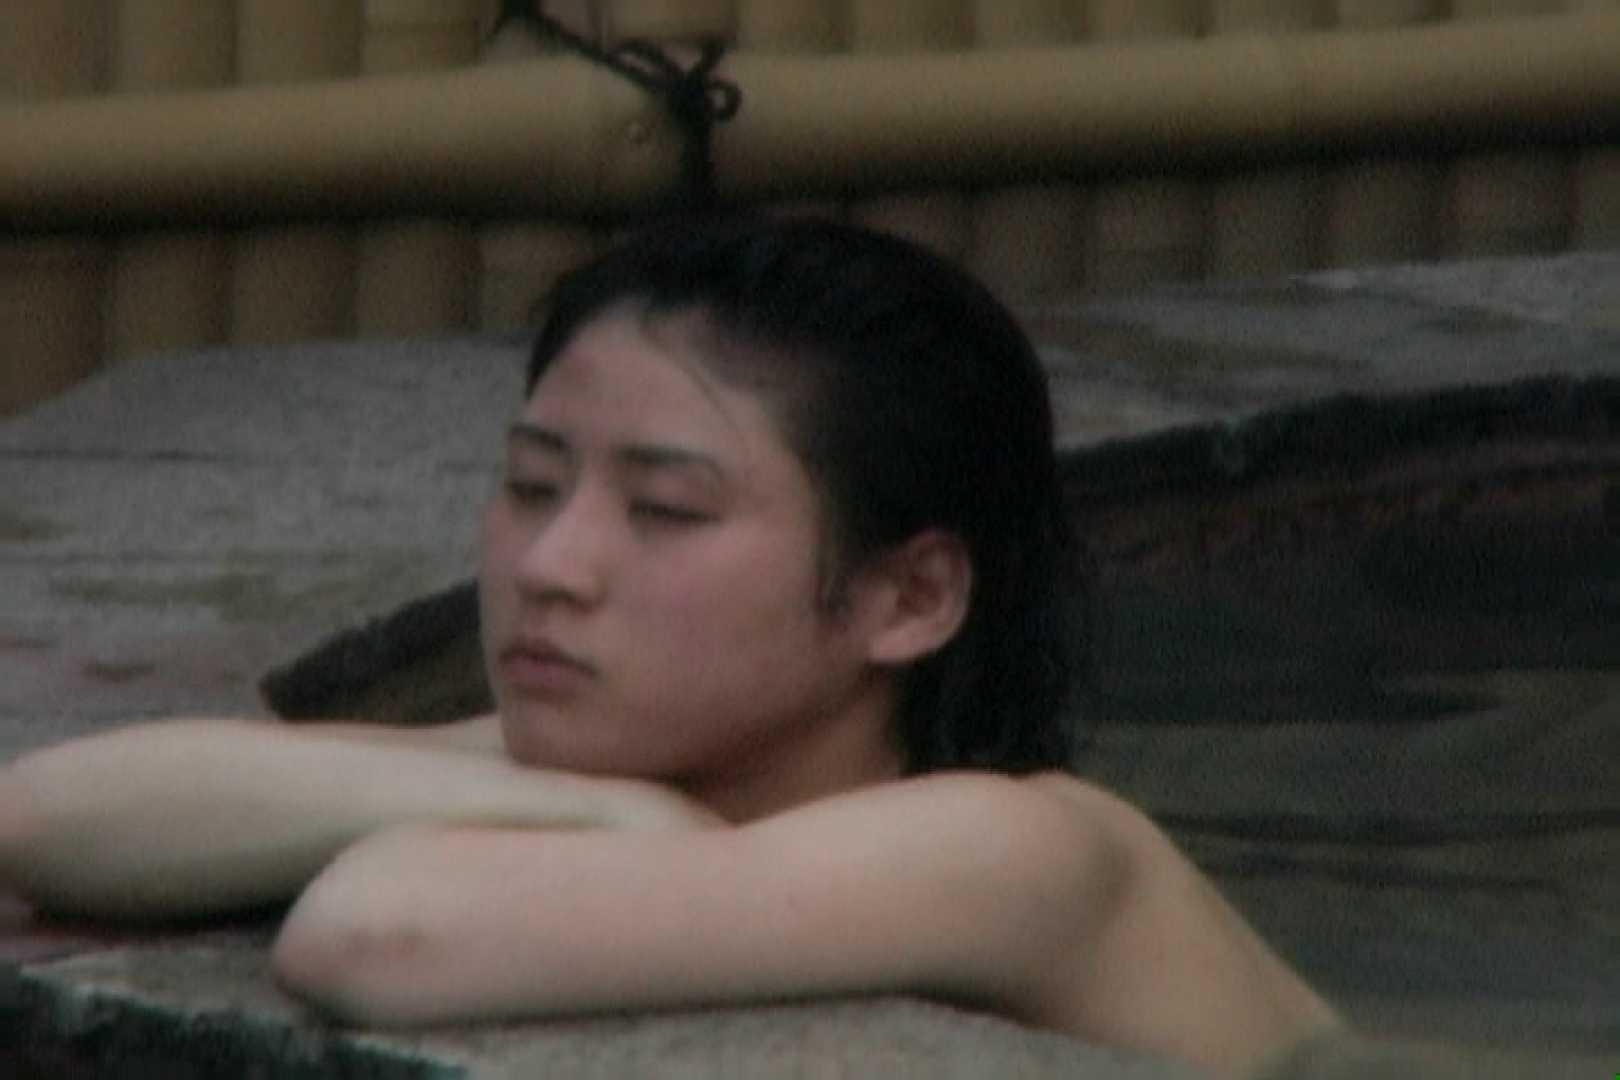 高画質露天女風呂観察 vol.004 入浴 盗撮エロ画像 110画像 89